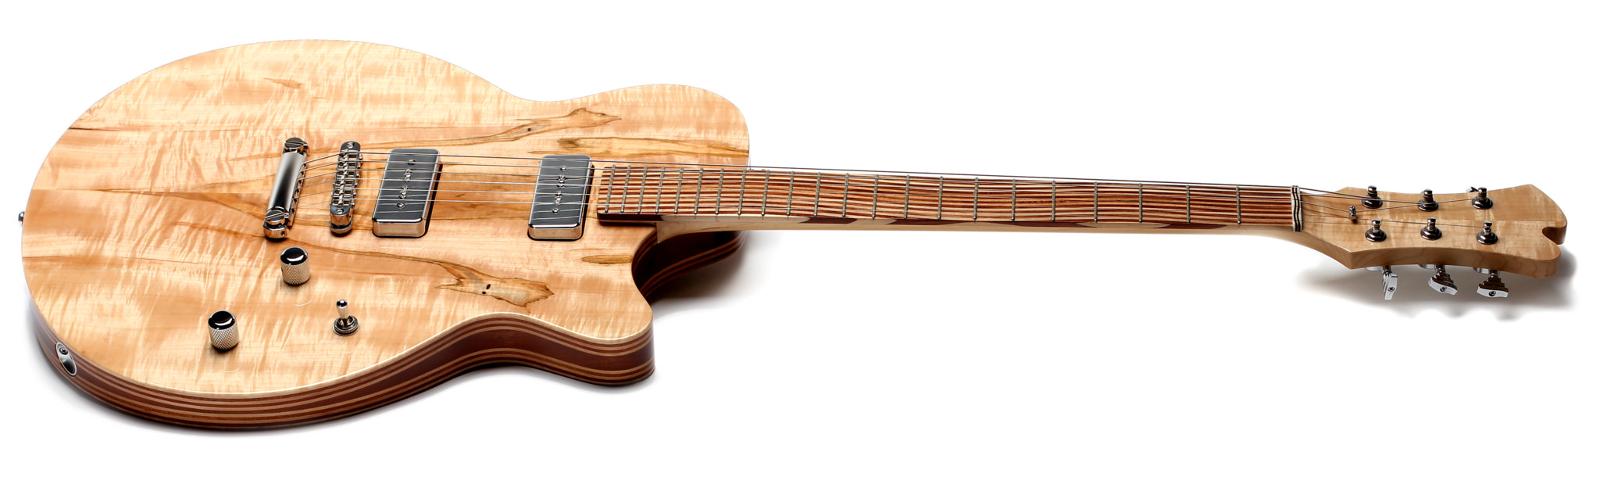 Guitar - Roxxy 2